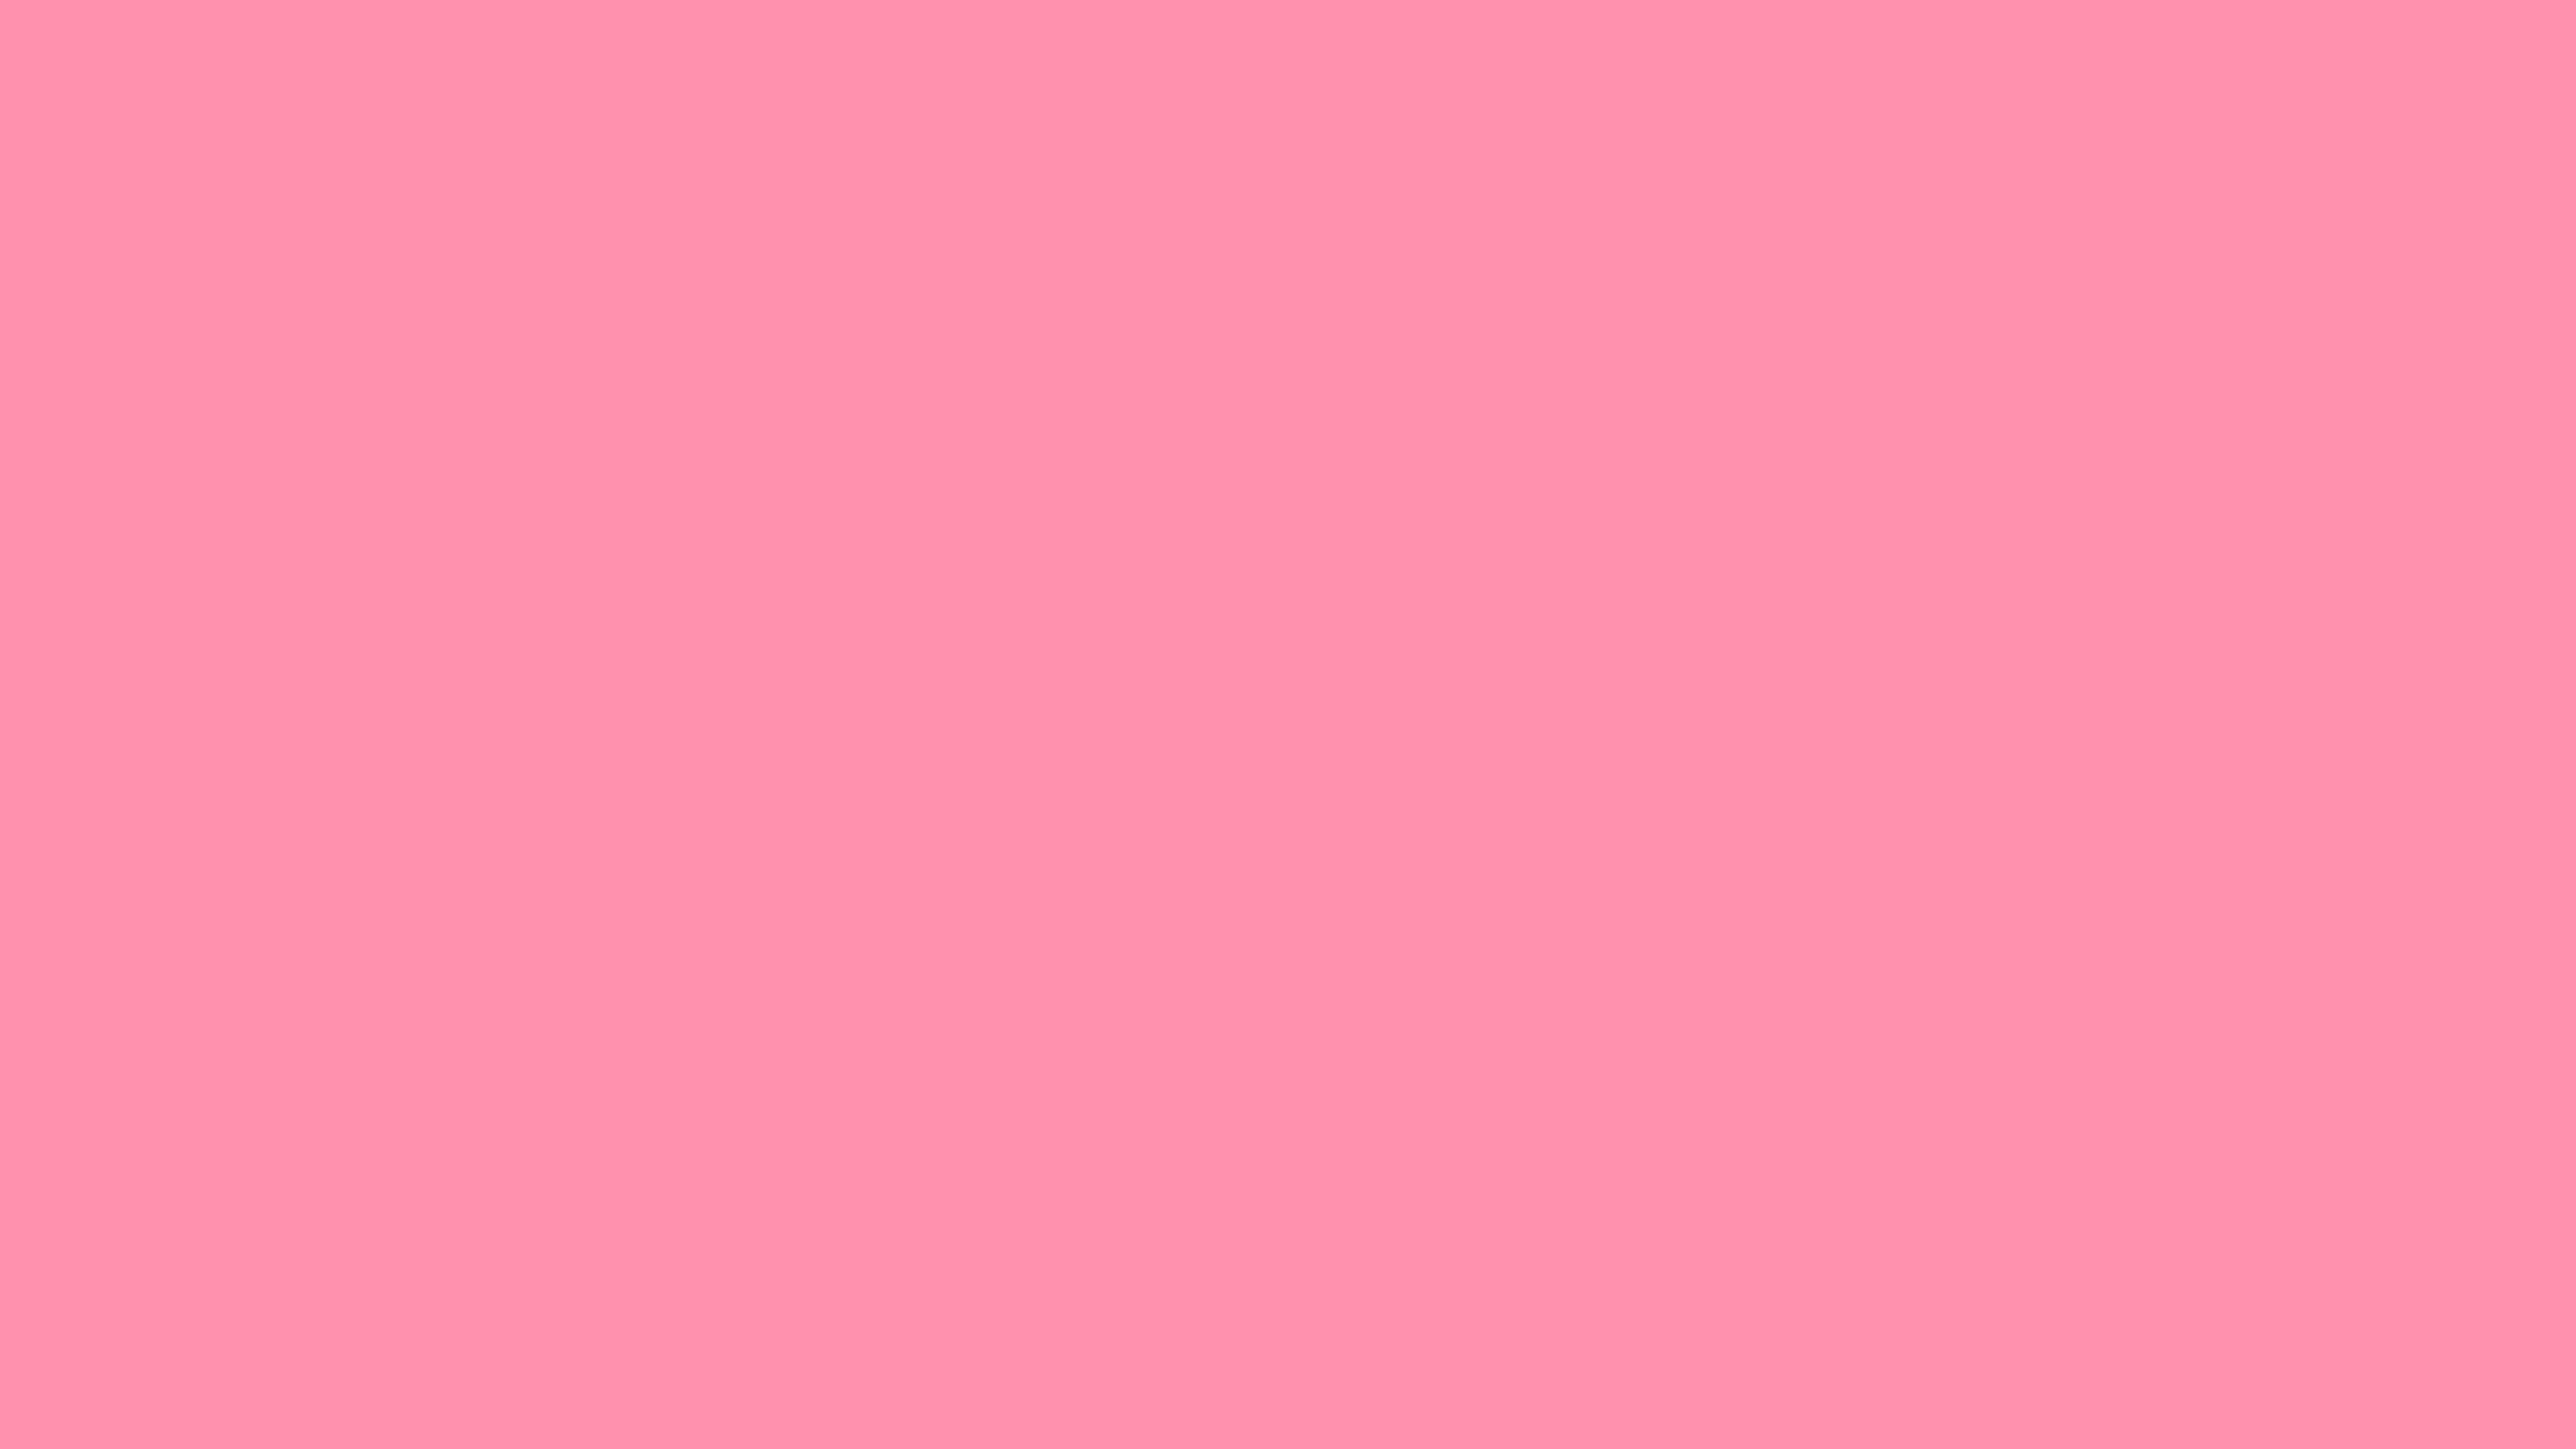 4096x2304 Baker-Miller Pink Solid Color Background